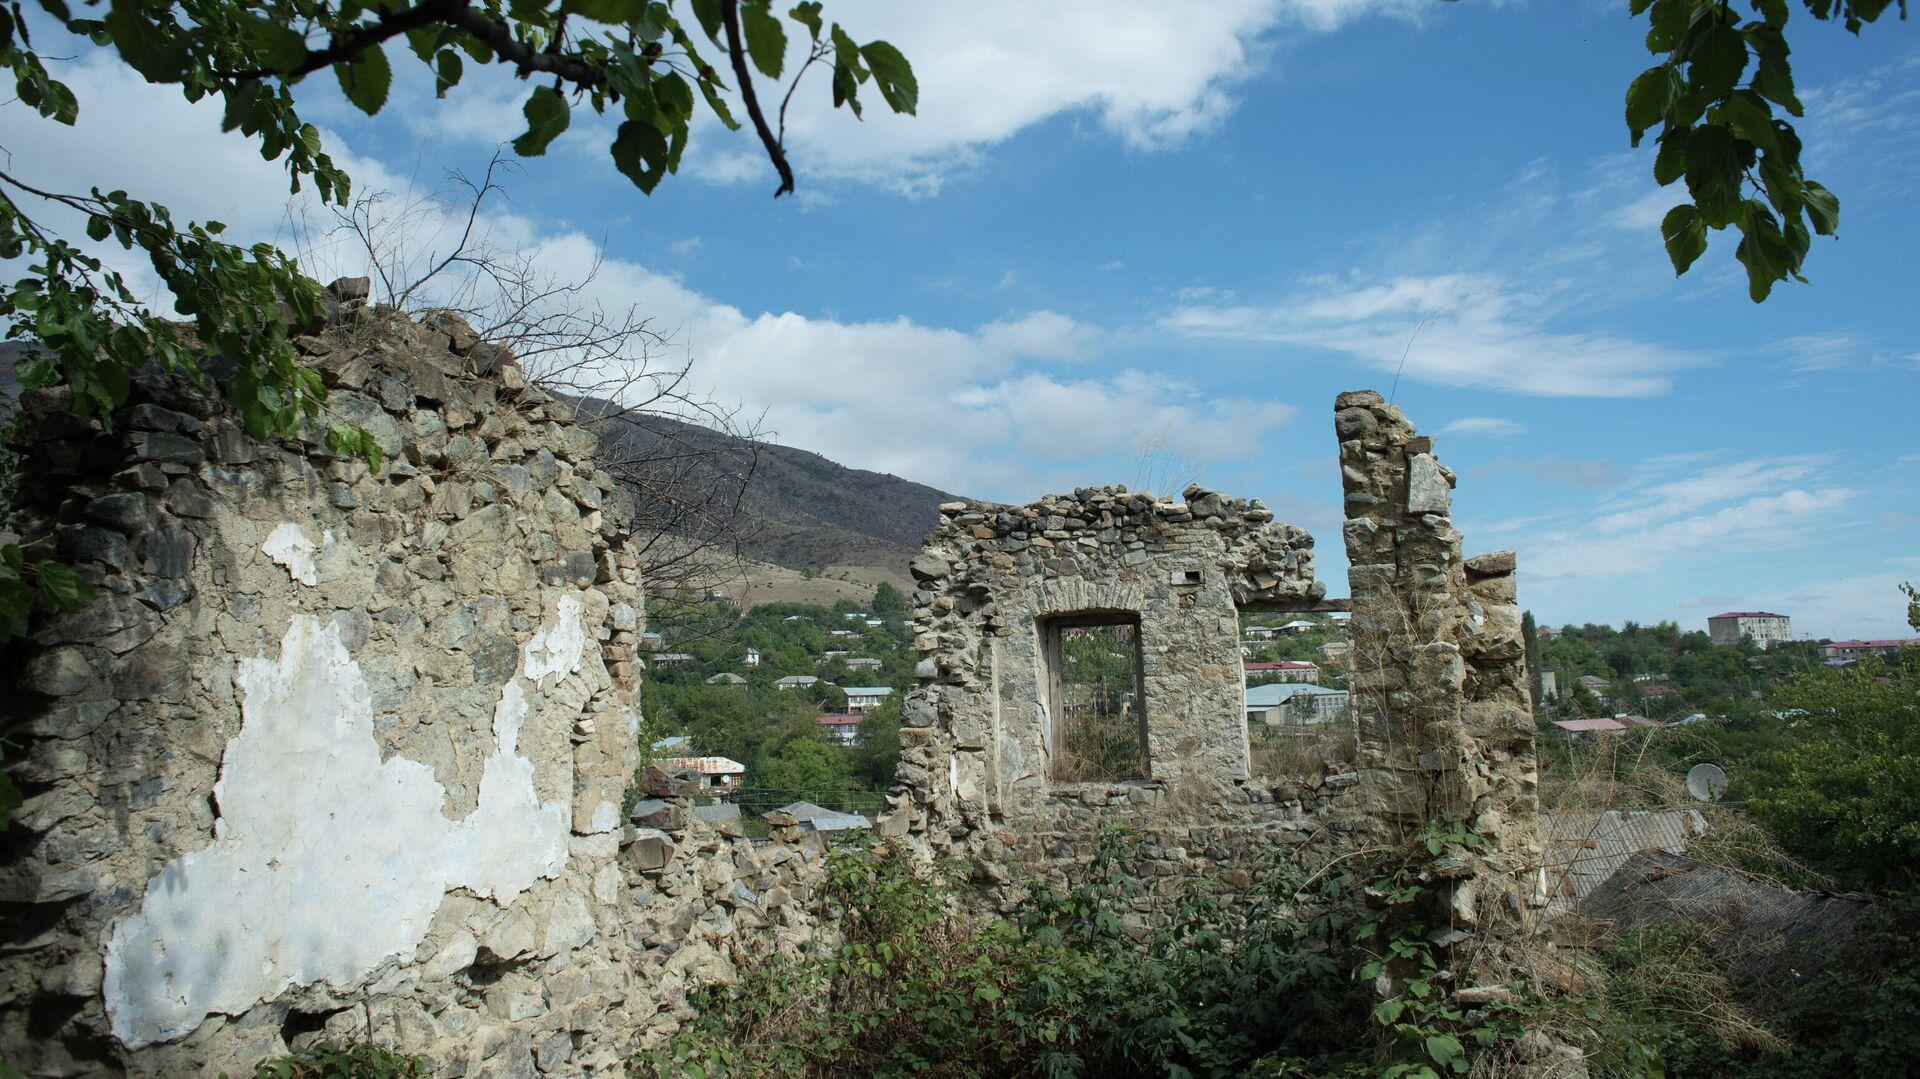 Руины здания в городе Гадруте самопровозглашенной Республики Нагорный Карабах - РИА Новости, 1920, 05.11.2020